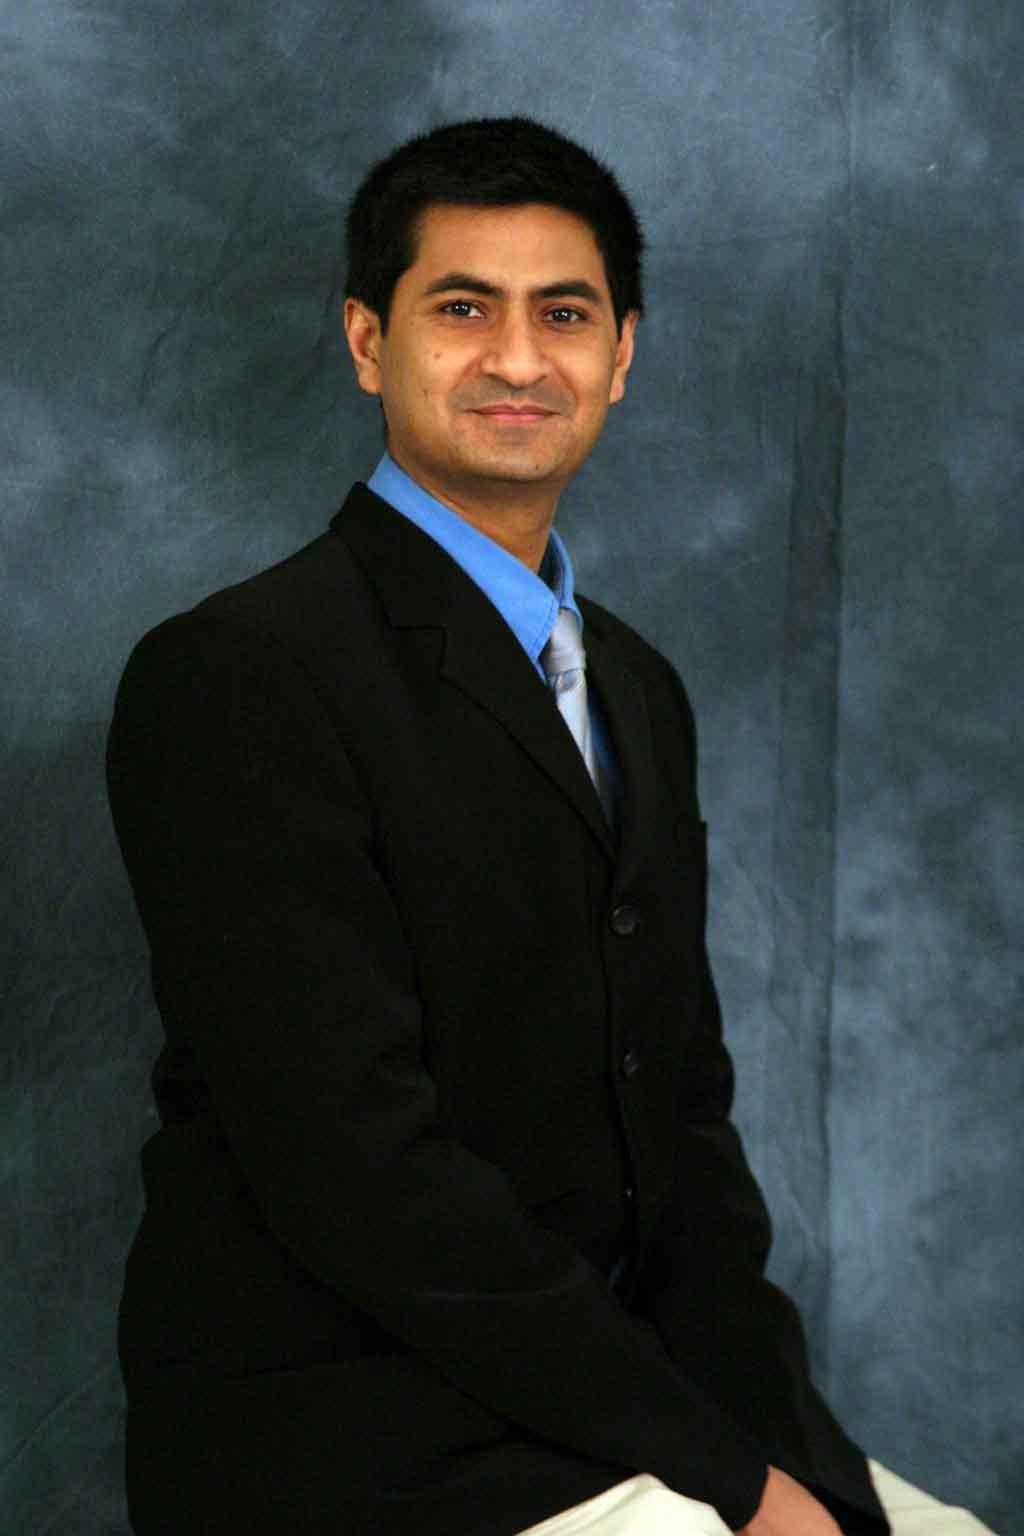 Dr. Biren Patel